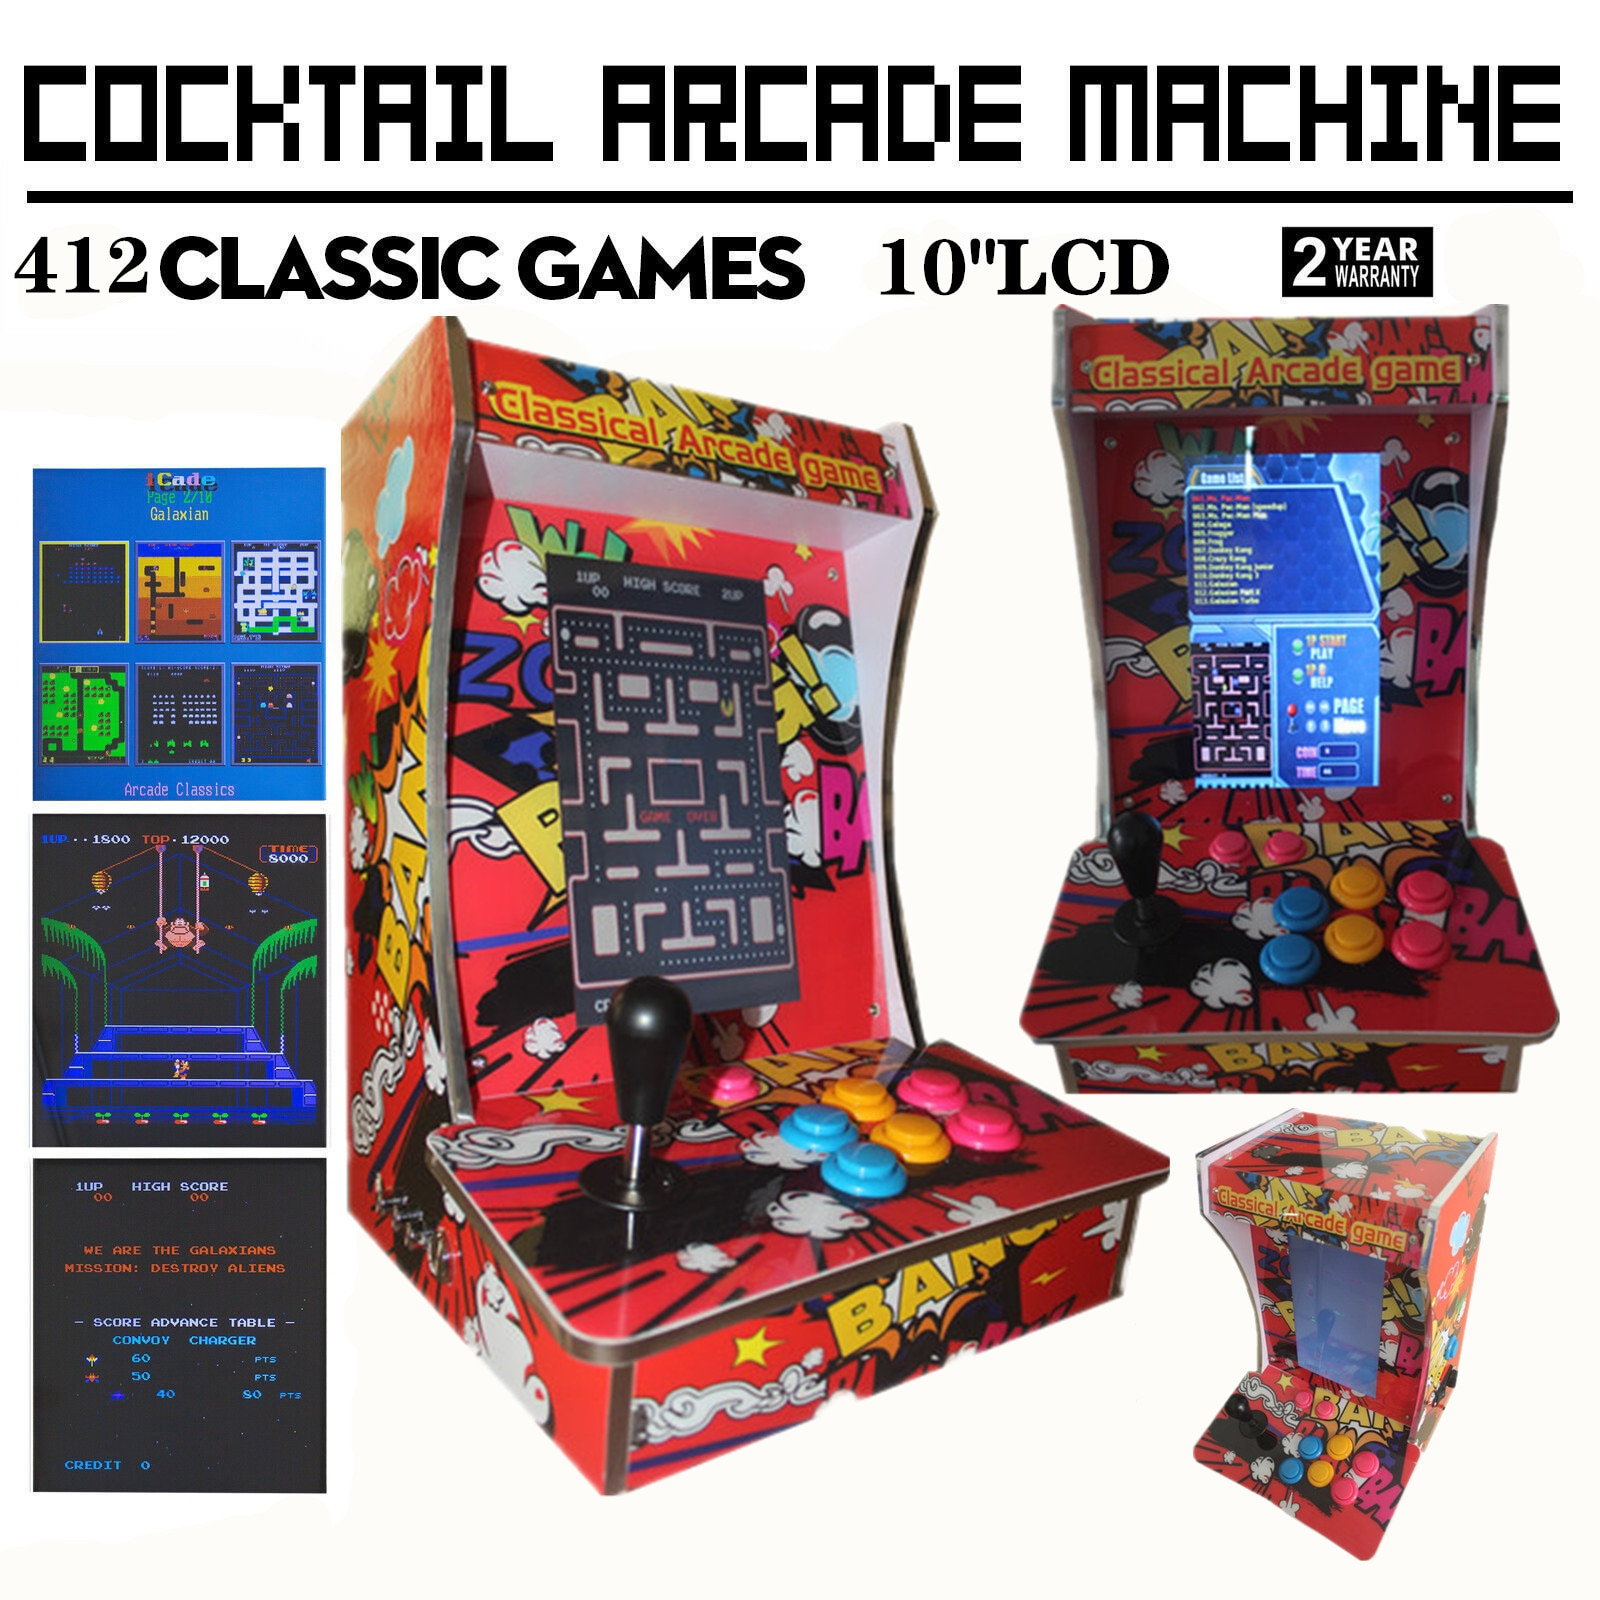 Ms. Pac-Man вертикальный бартоп/настольная Коктейльная аркадная машина с 412 классическими играми (10,4 дюймовый ЖК-монитор)